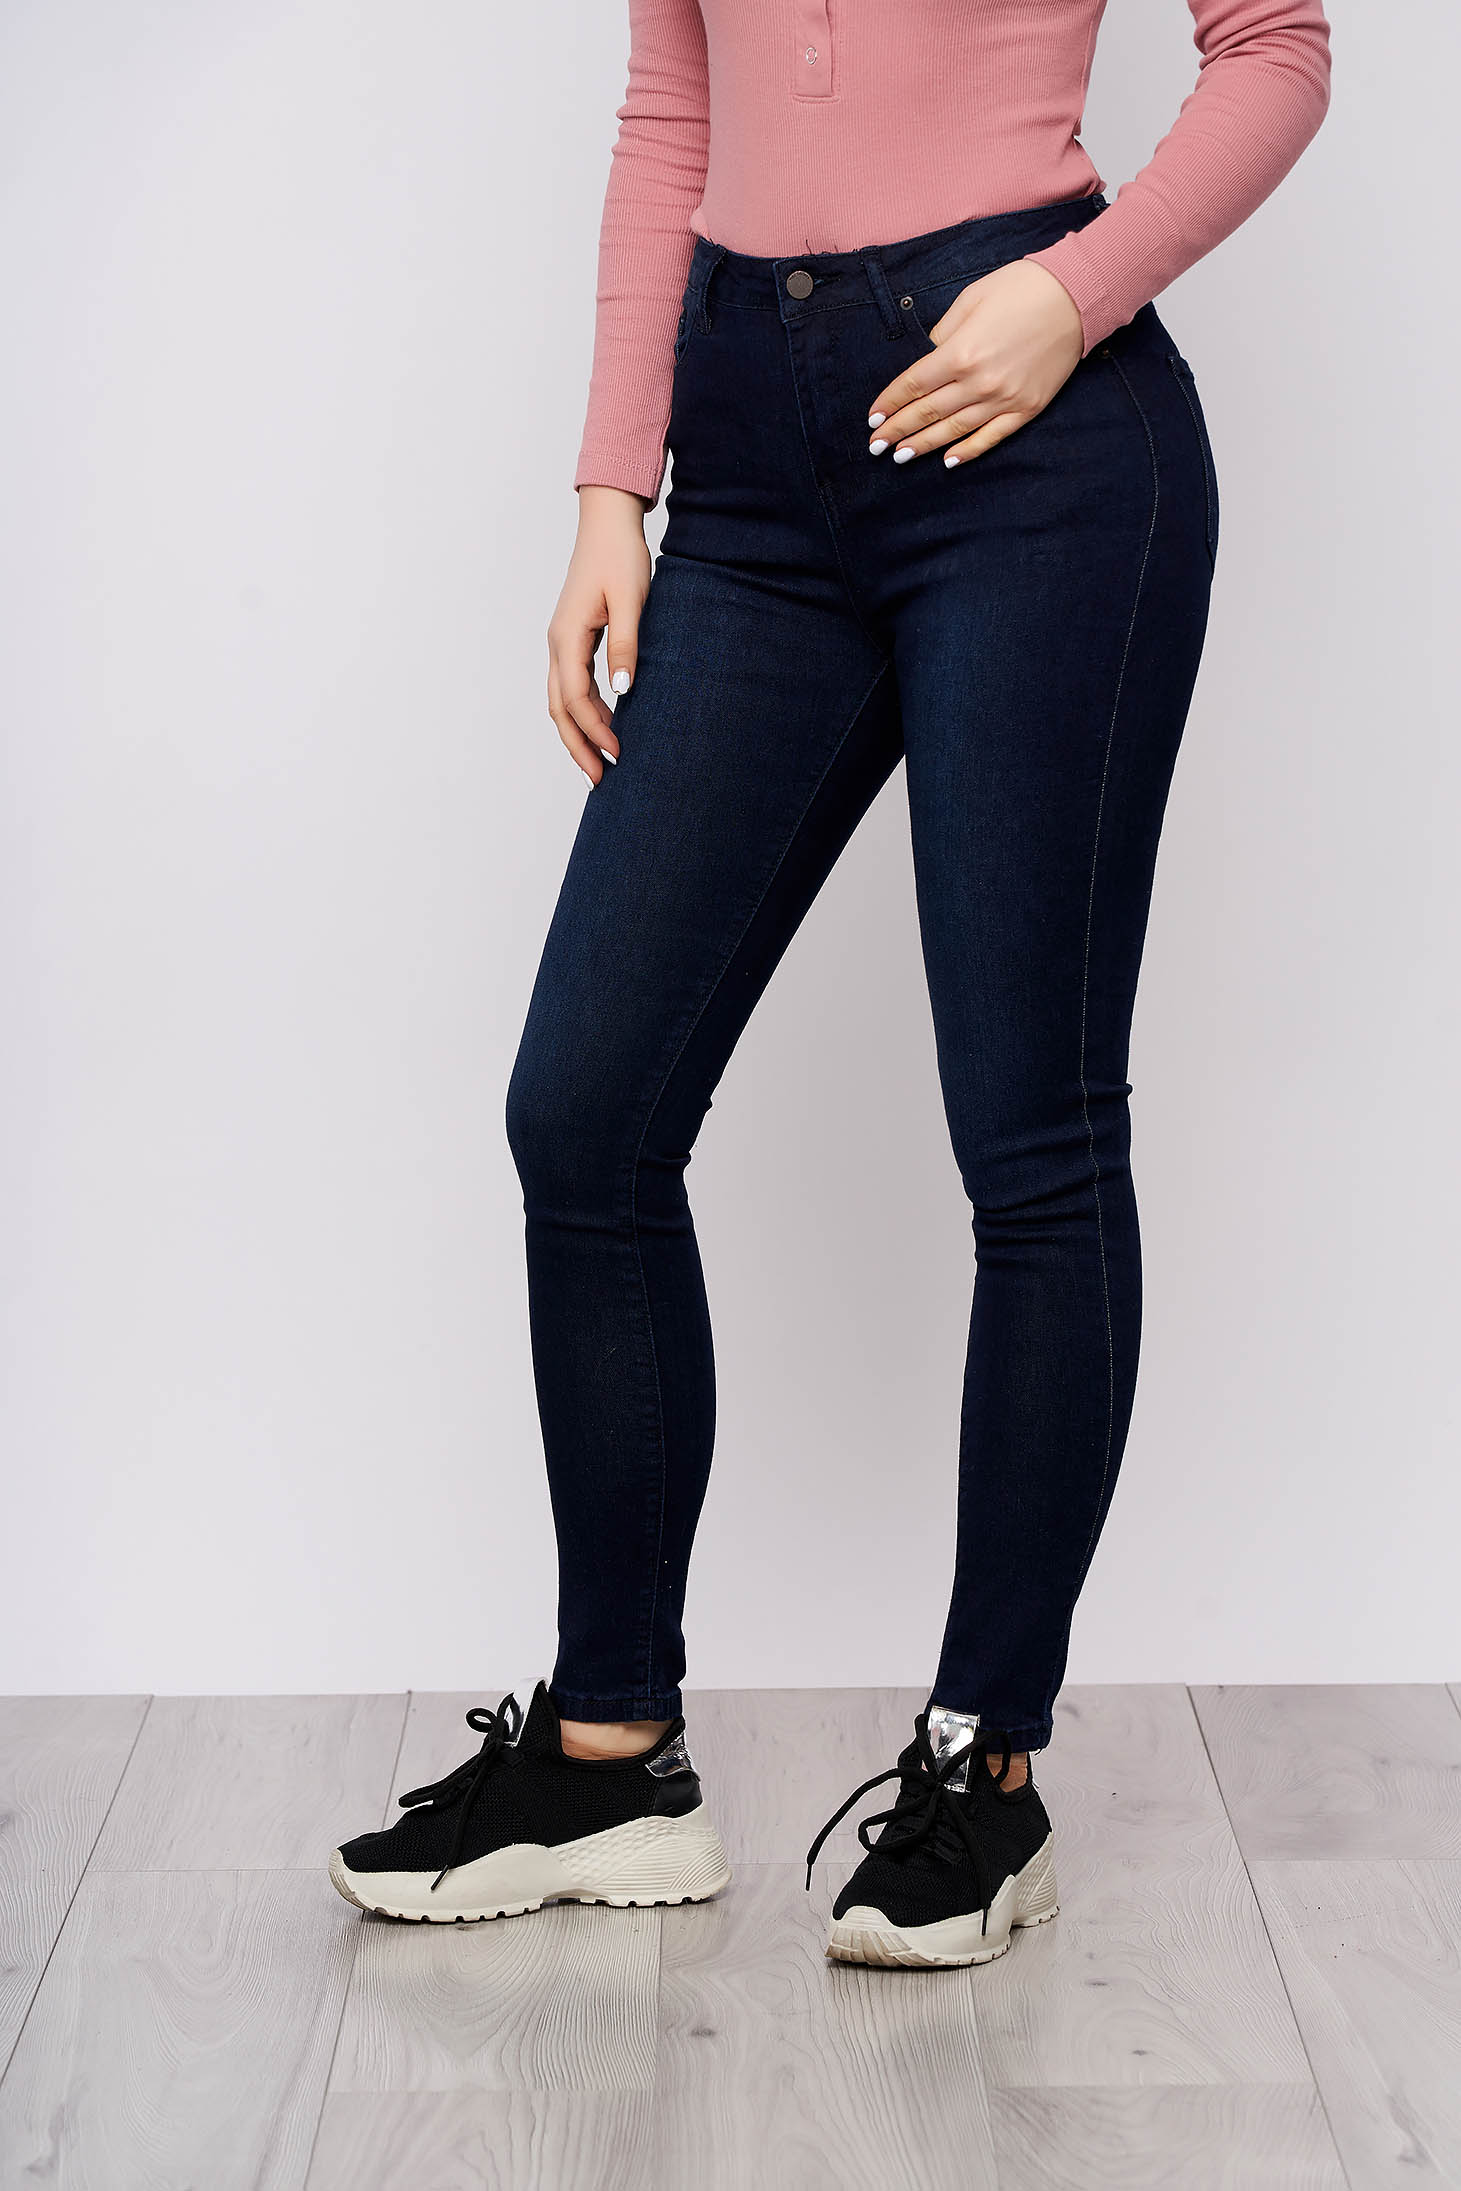 Pantaloni Top Secret albastru-inchis casual conici din denim cu talie inalta si buzunare